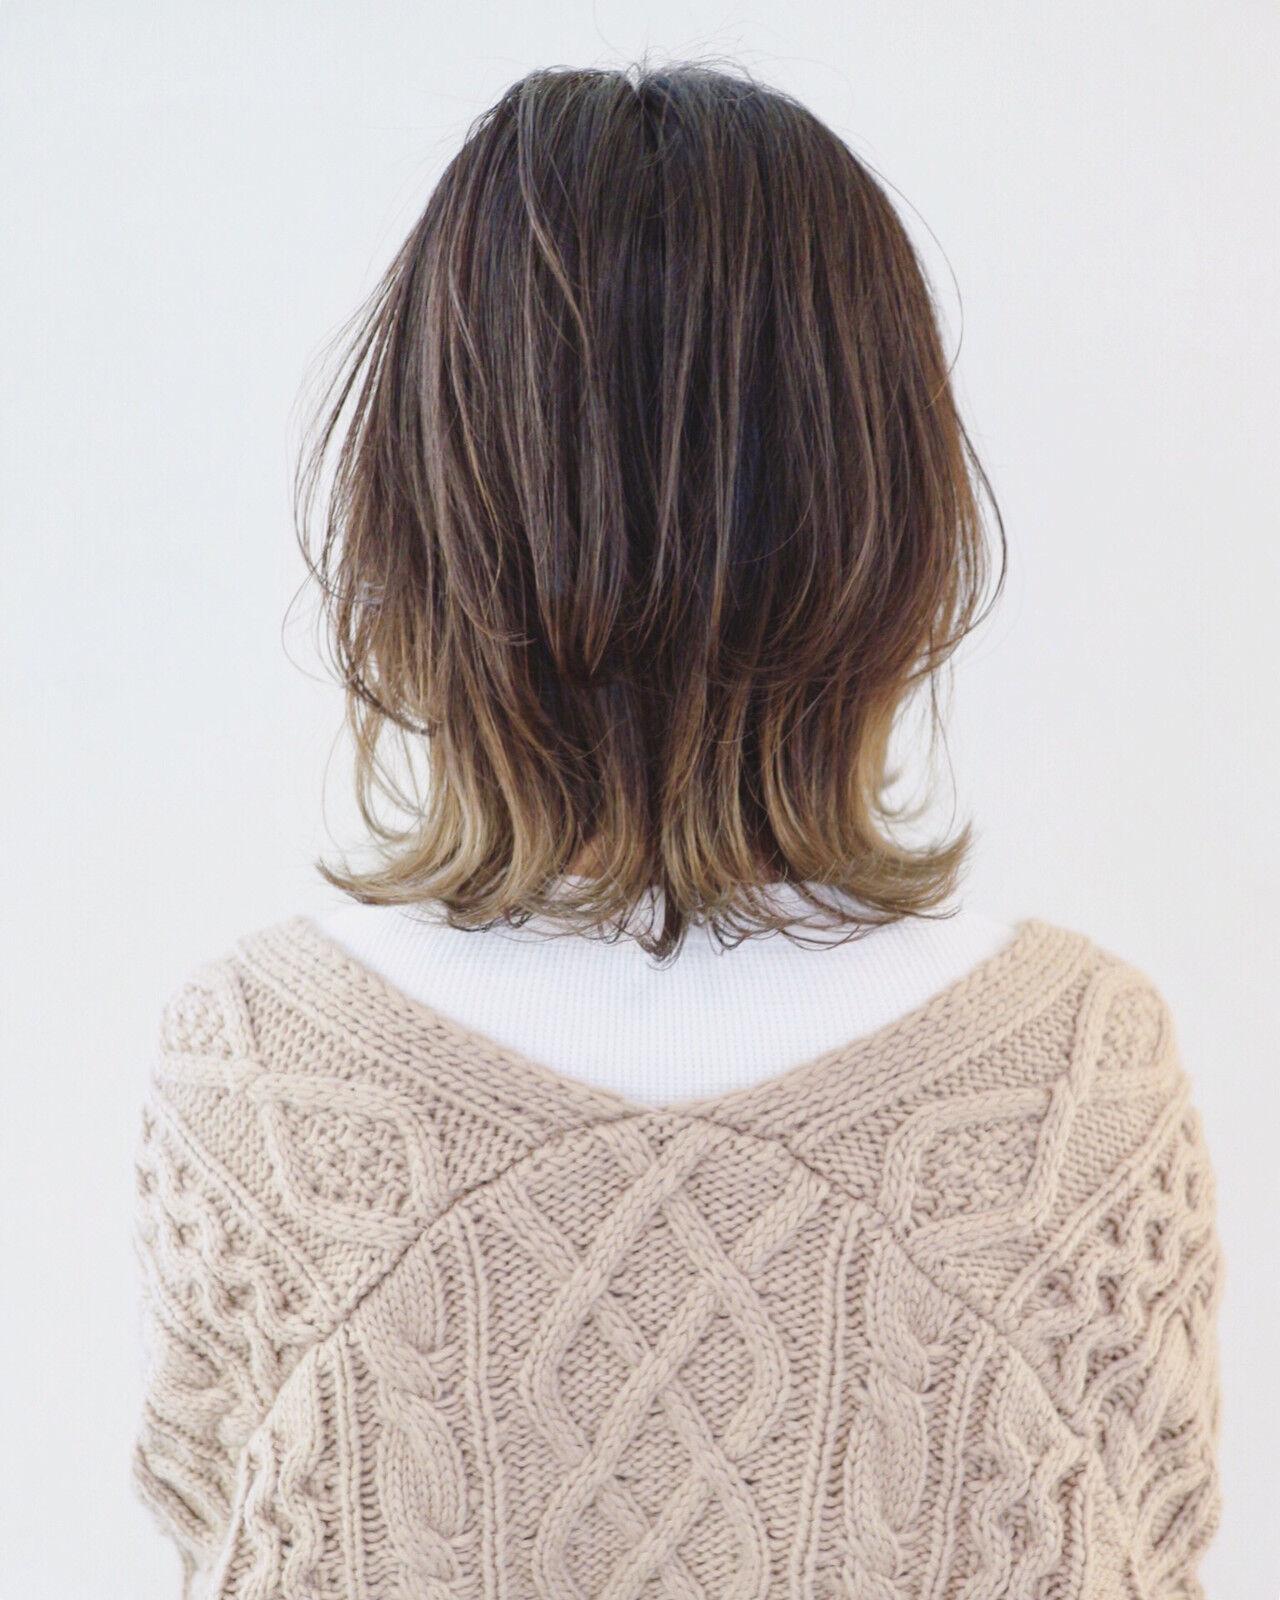 ミディアム ニュアンスウルフ グレージュ ウルフカットヘアスタイルや髪型の写真・画像